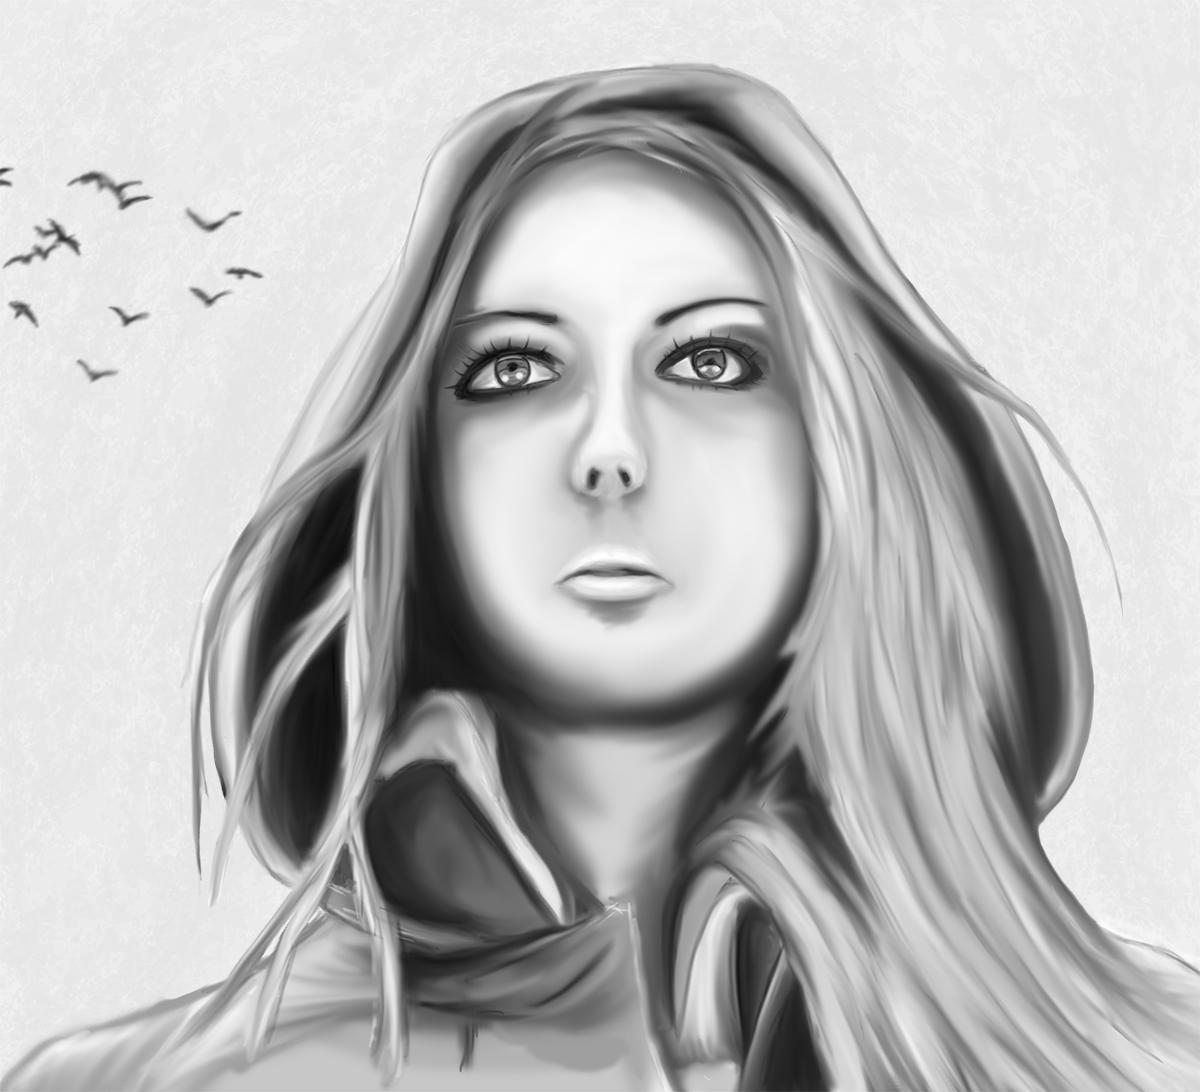 Day 27 - Female Portrait Study by ShaneProcrastinates